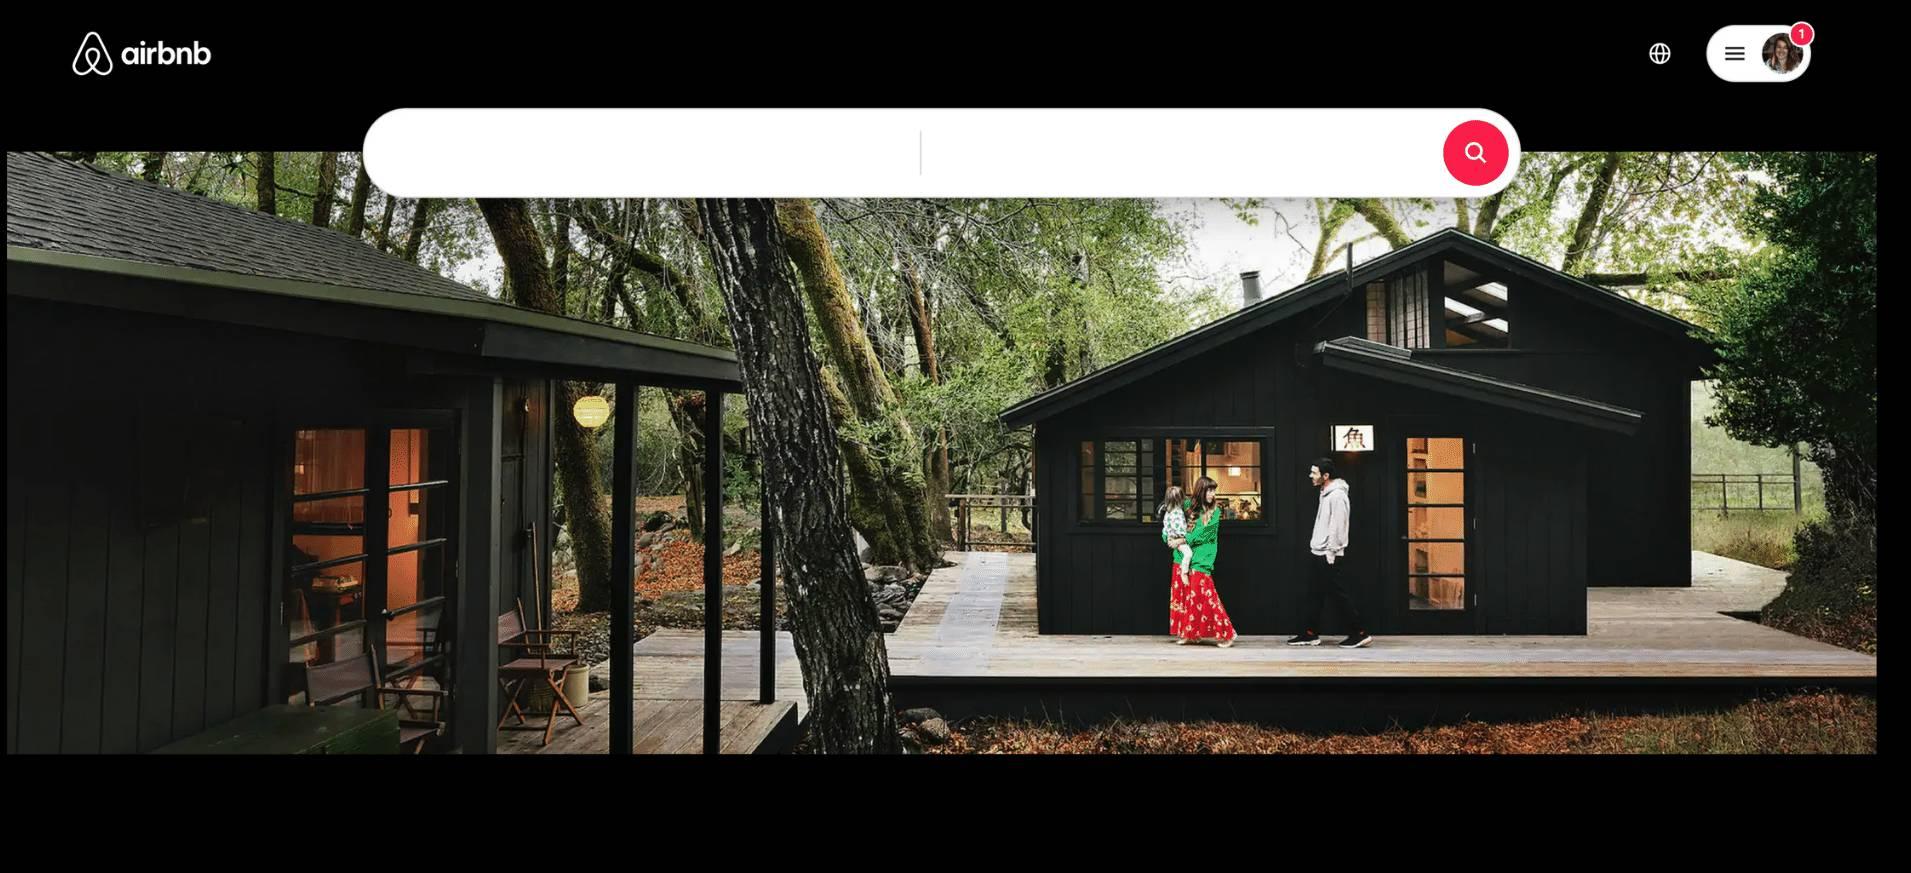 Airbnb Place de la Communication